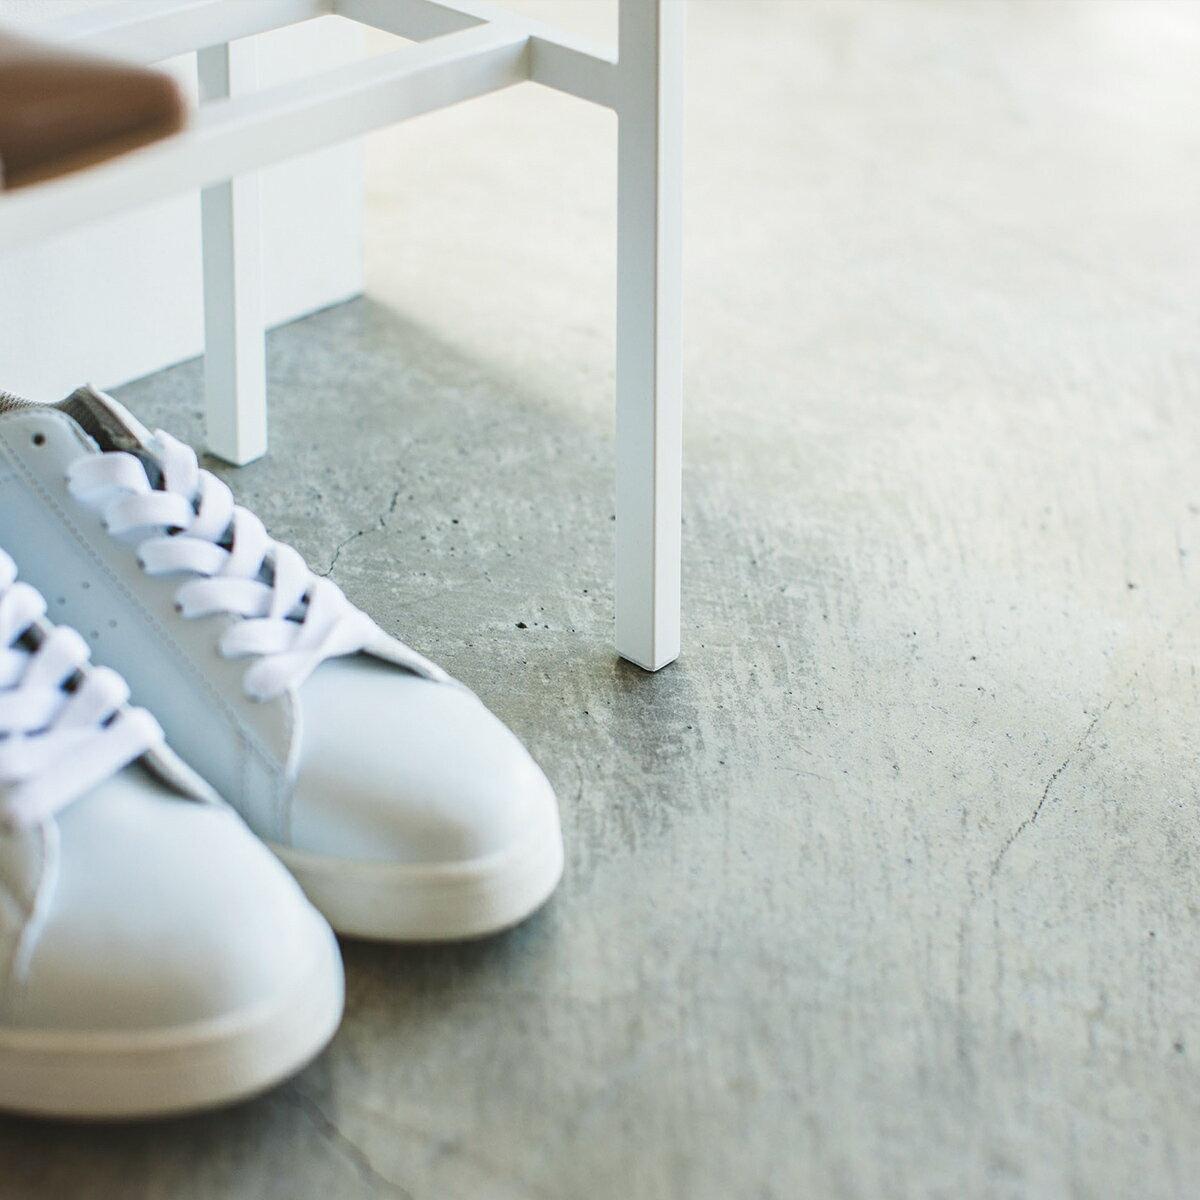 日本Tower  /  居家生活  /  玄關簡約鞋靴收納架 鞋架  /  roomy-ymz19jan24h29  /  日本必買 日本樂天直送(7294) /  件件含運 7